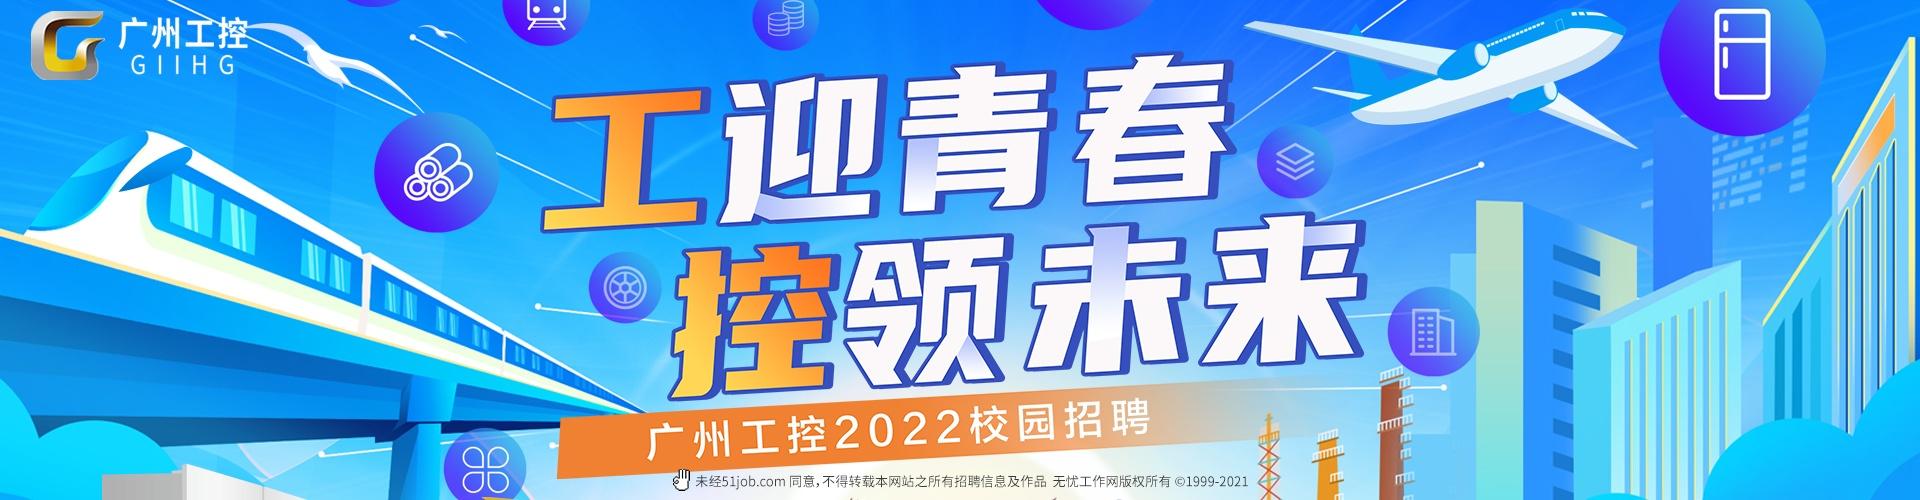 广州工控空中宣讲会